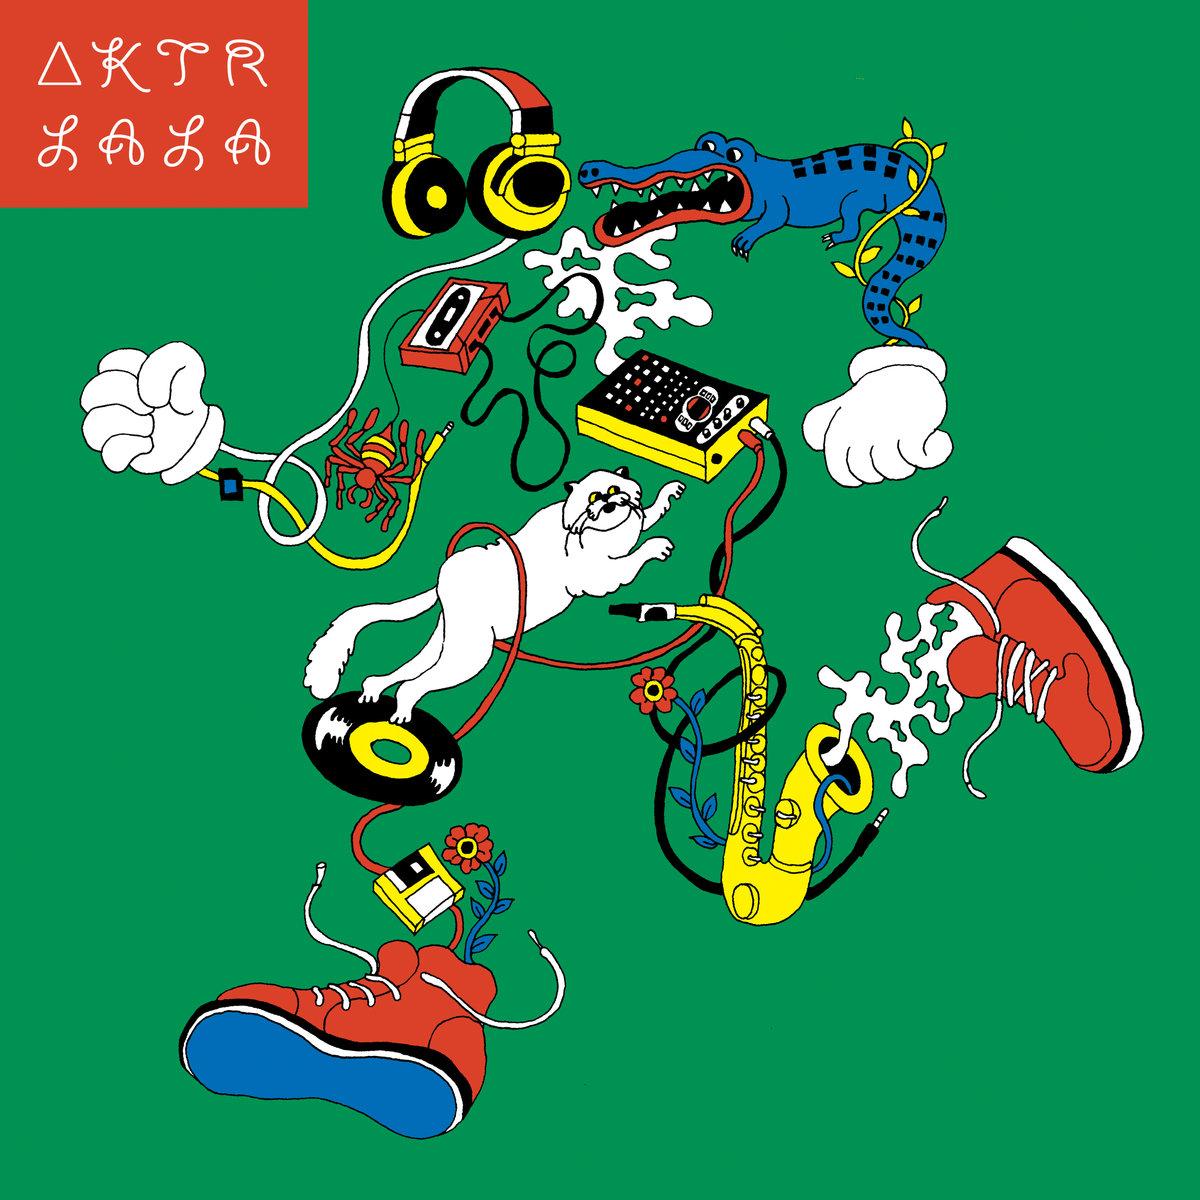 ΔKTR – LALA